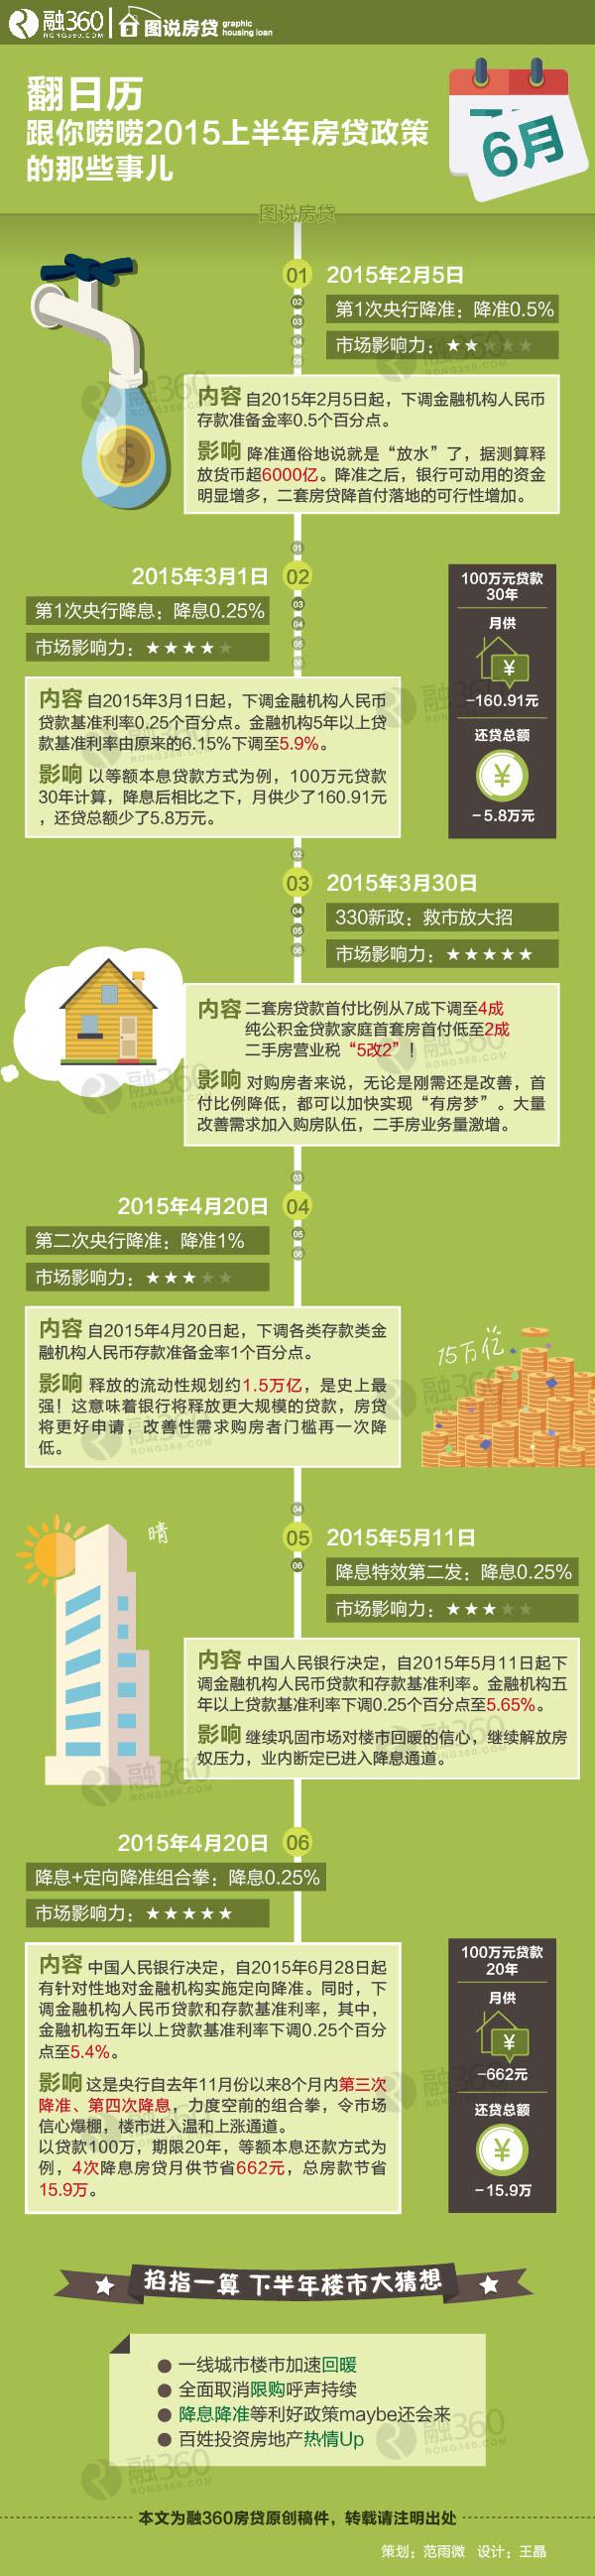 翻日历 唠唠2015上半年房贷政策的那些事儿